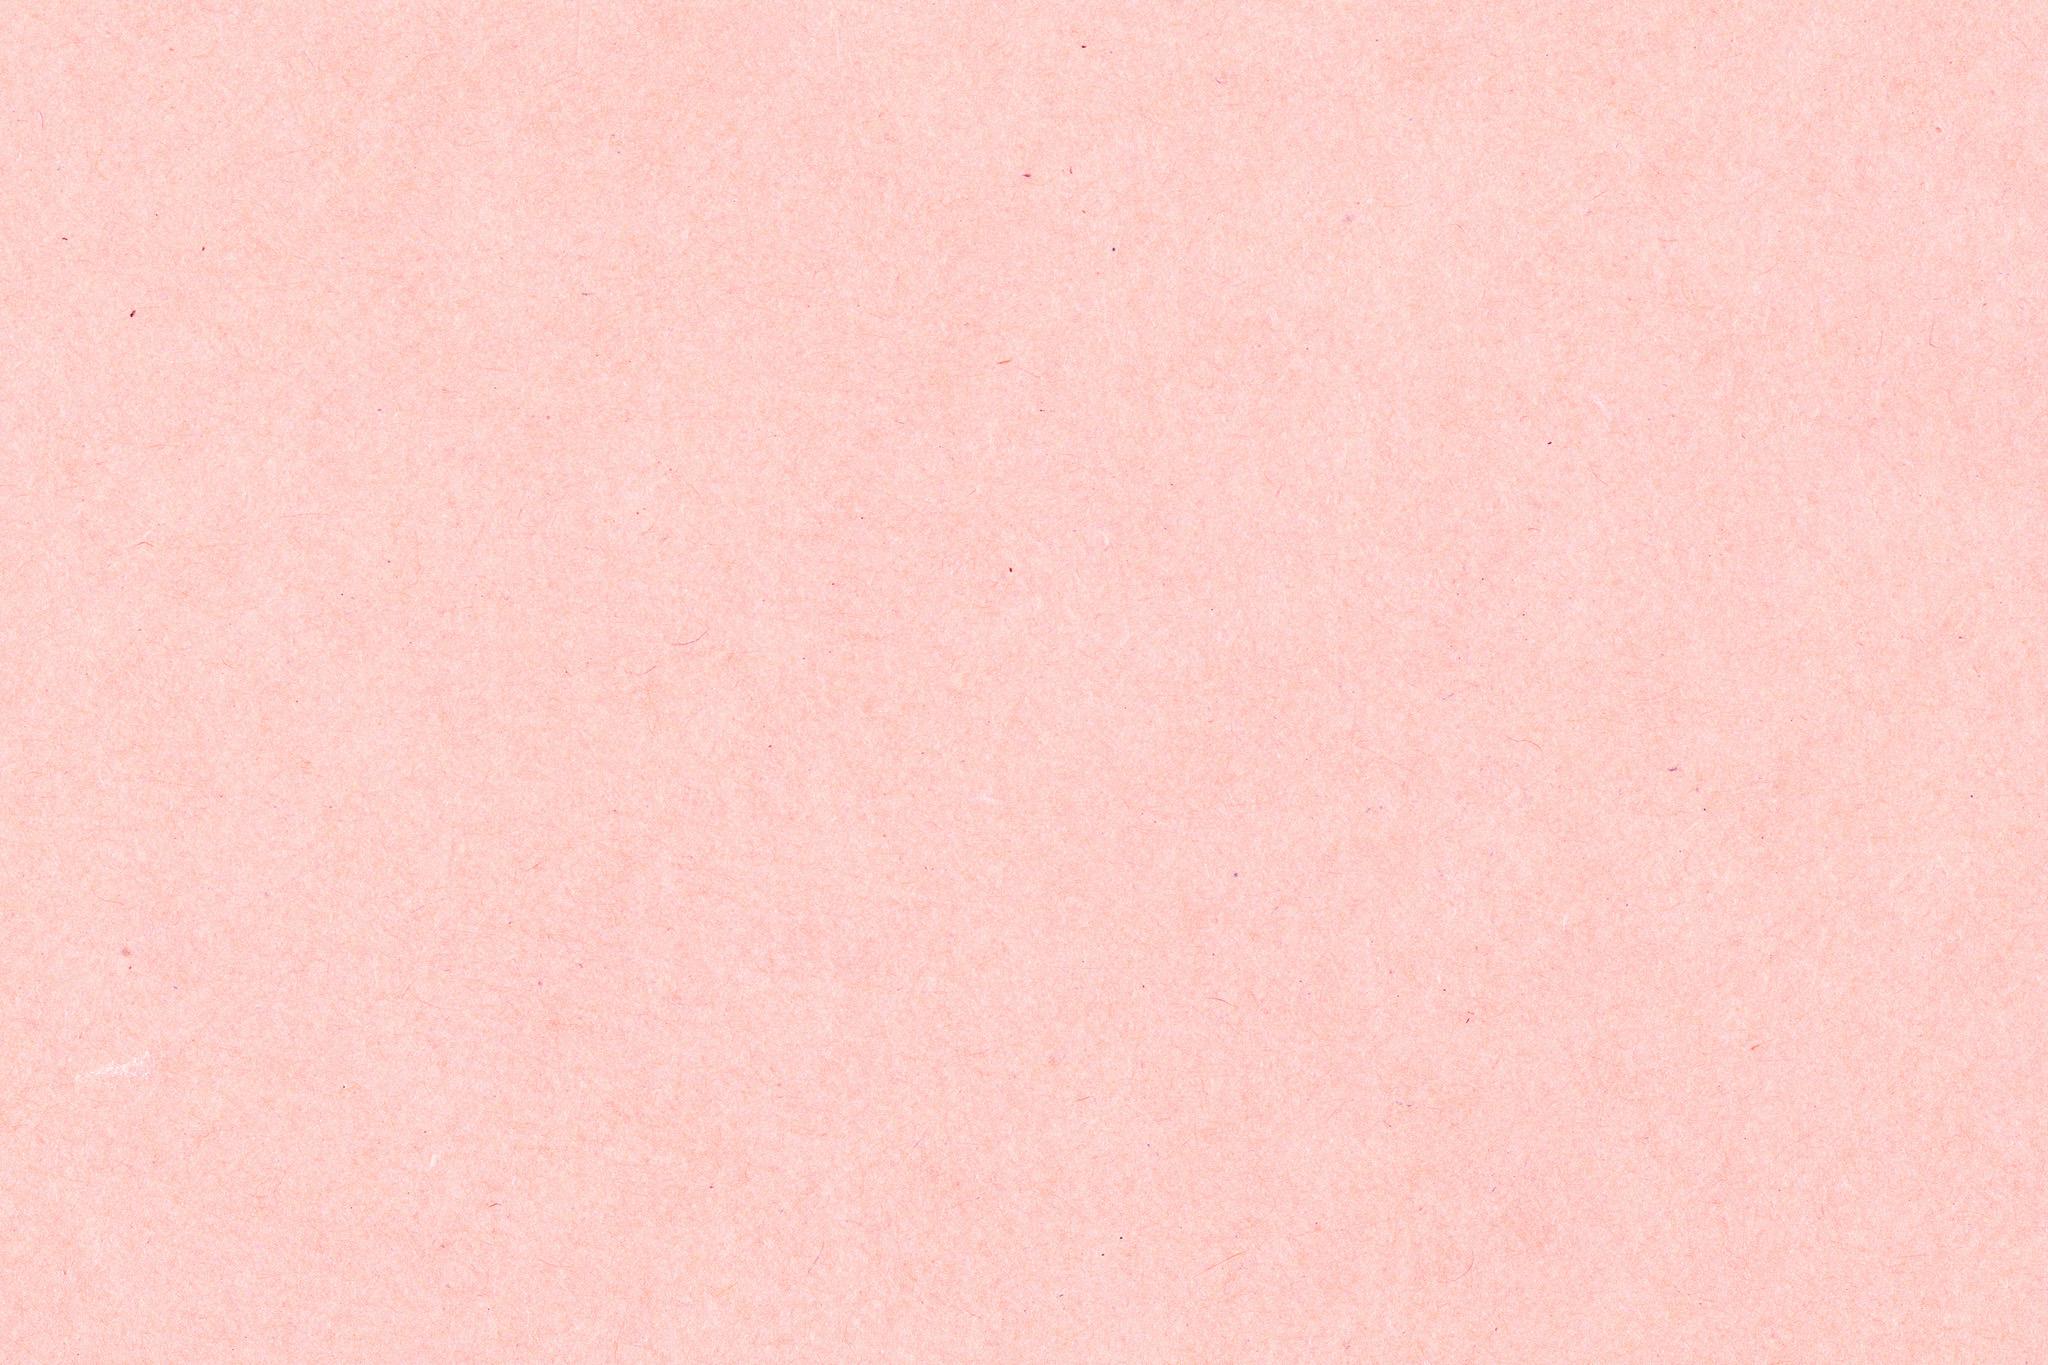 「春を感じる桜色の紙」